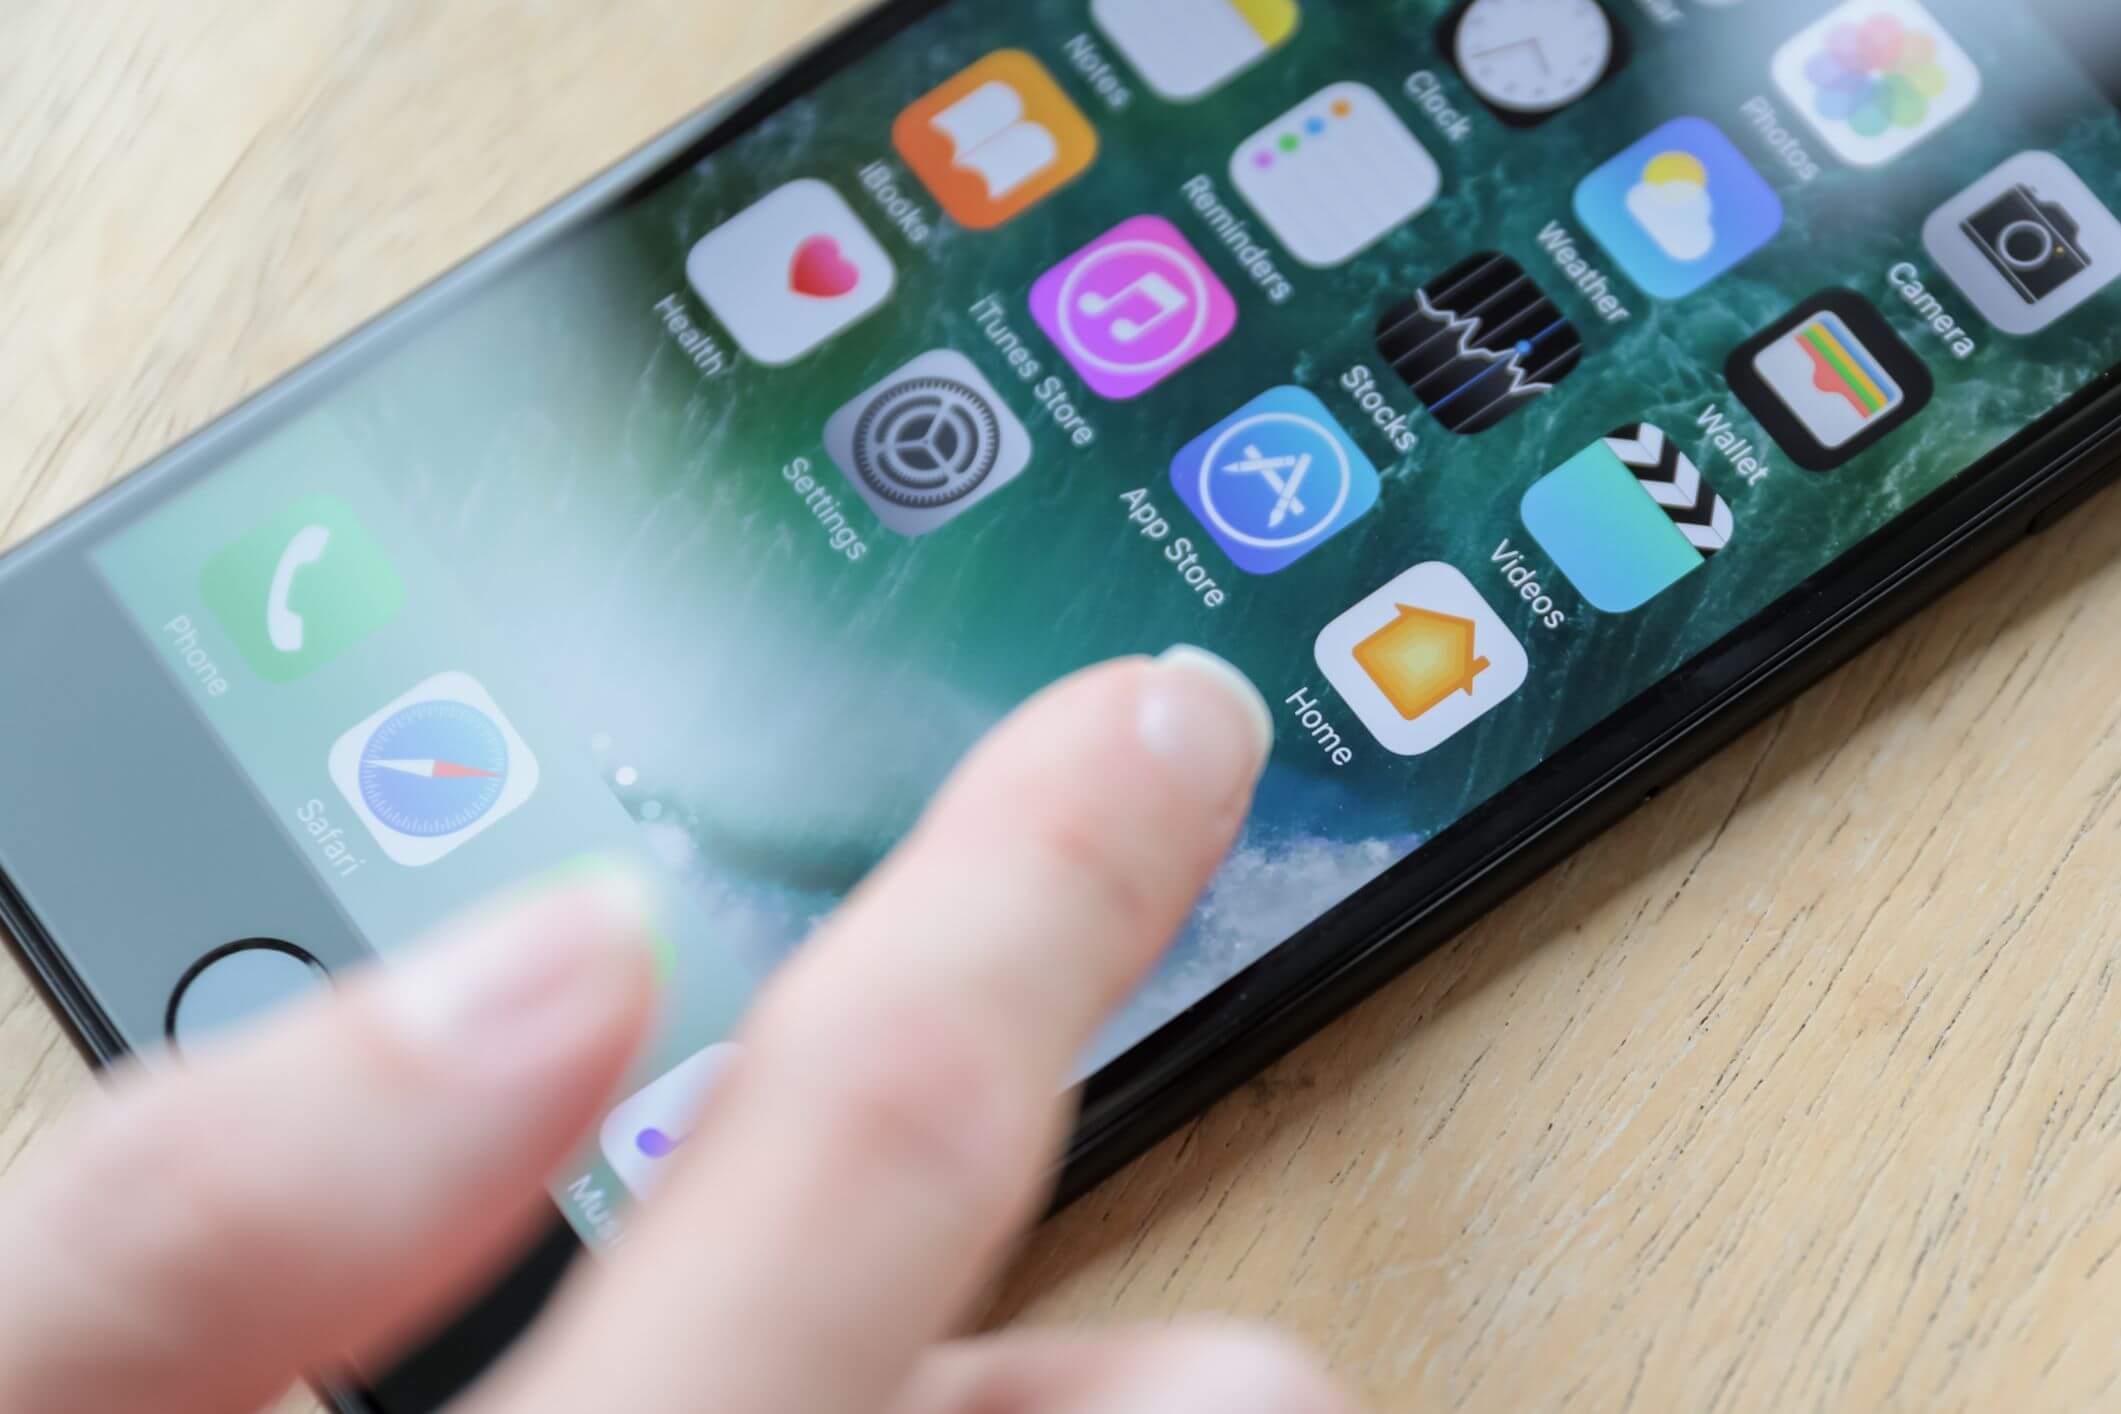 СМИ: Apple подумывает добавить всвоих гаджеты возможность выбора приложений поумолчанию